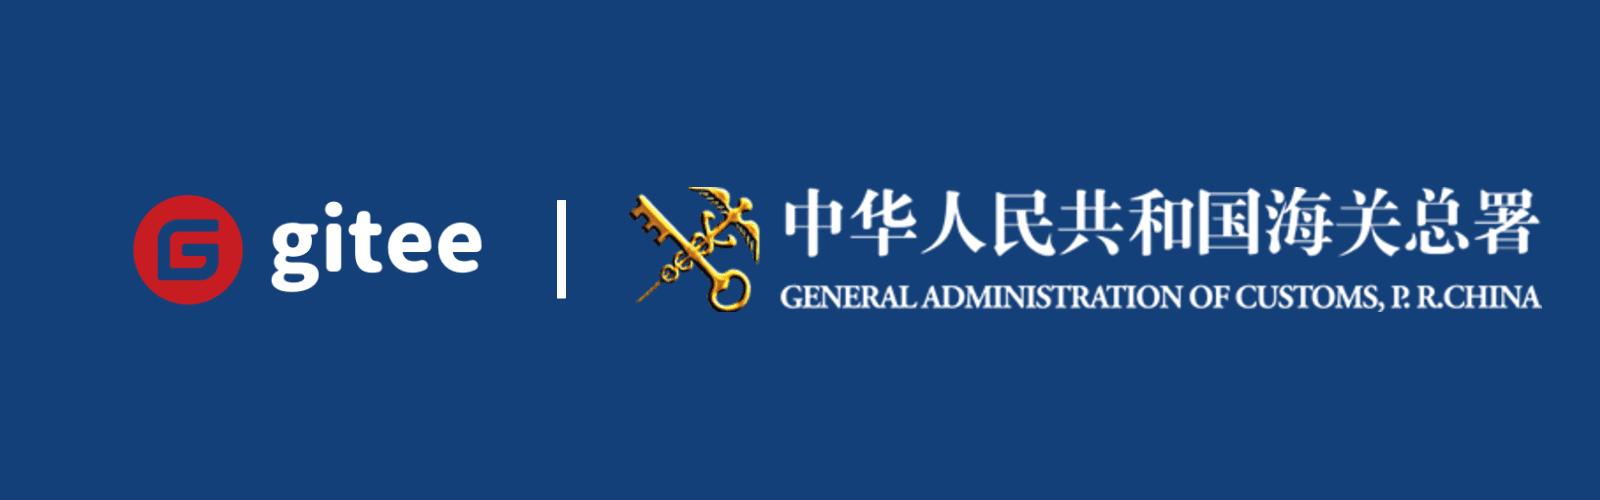 码云 Gitee 助力国家海关总署打造代码质量云平台-Gitee 官方博客